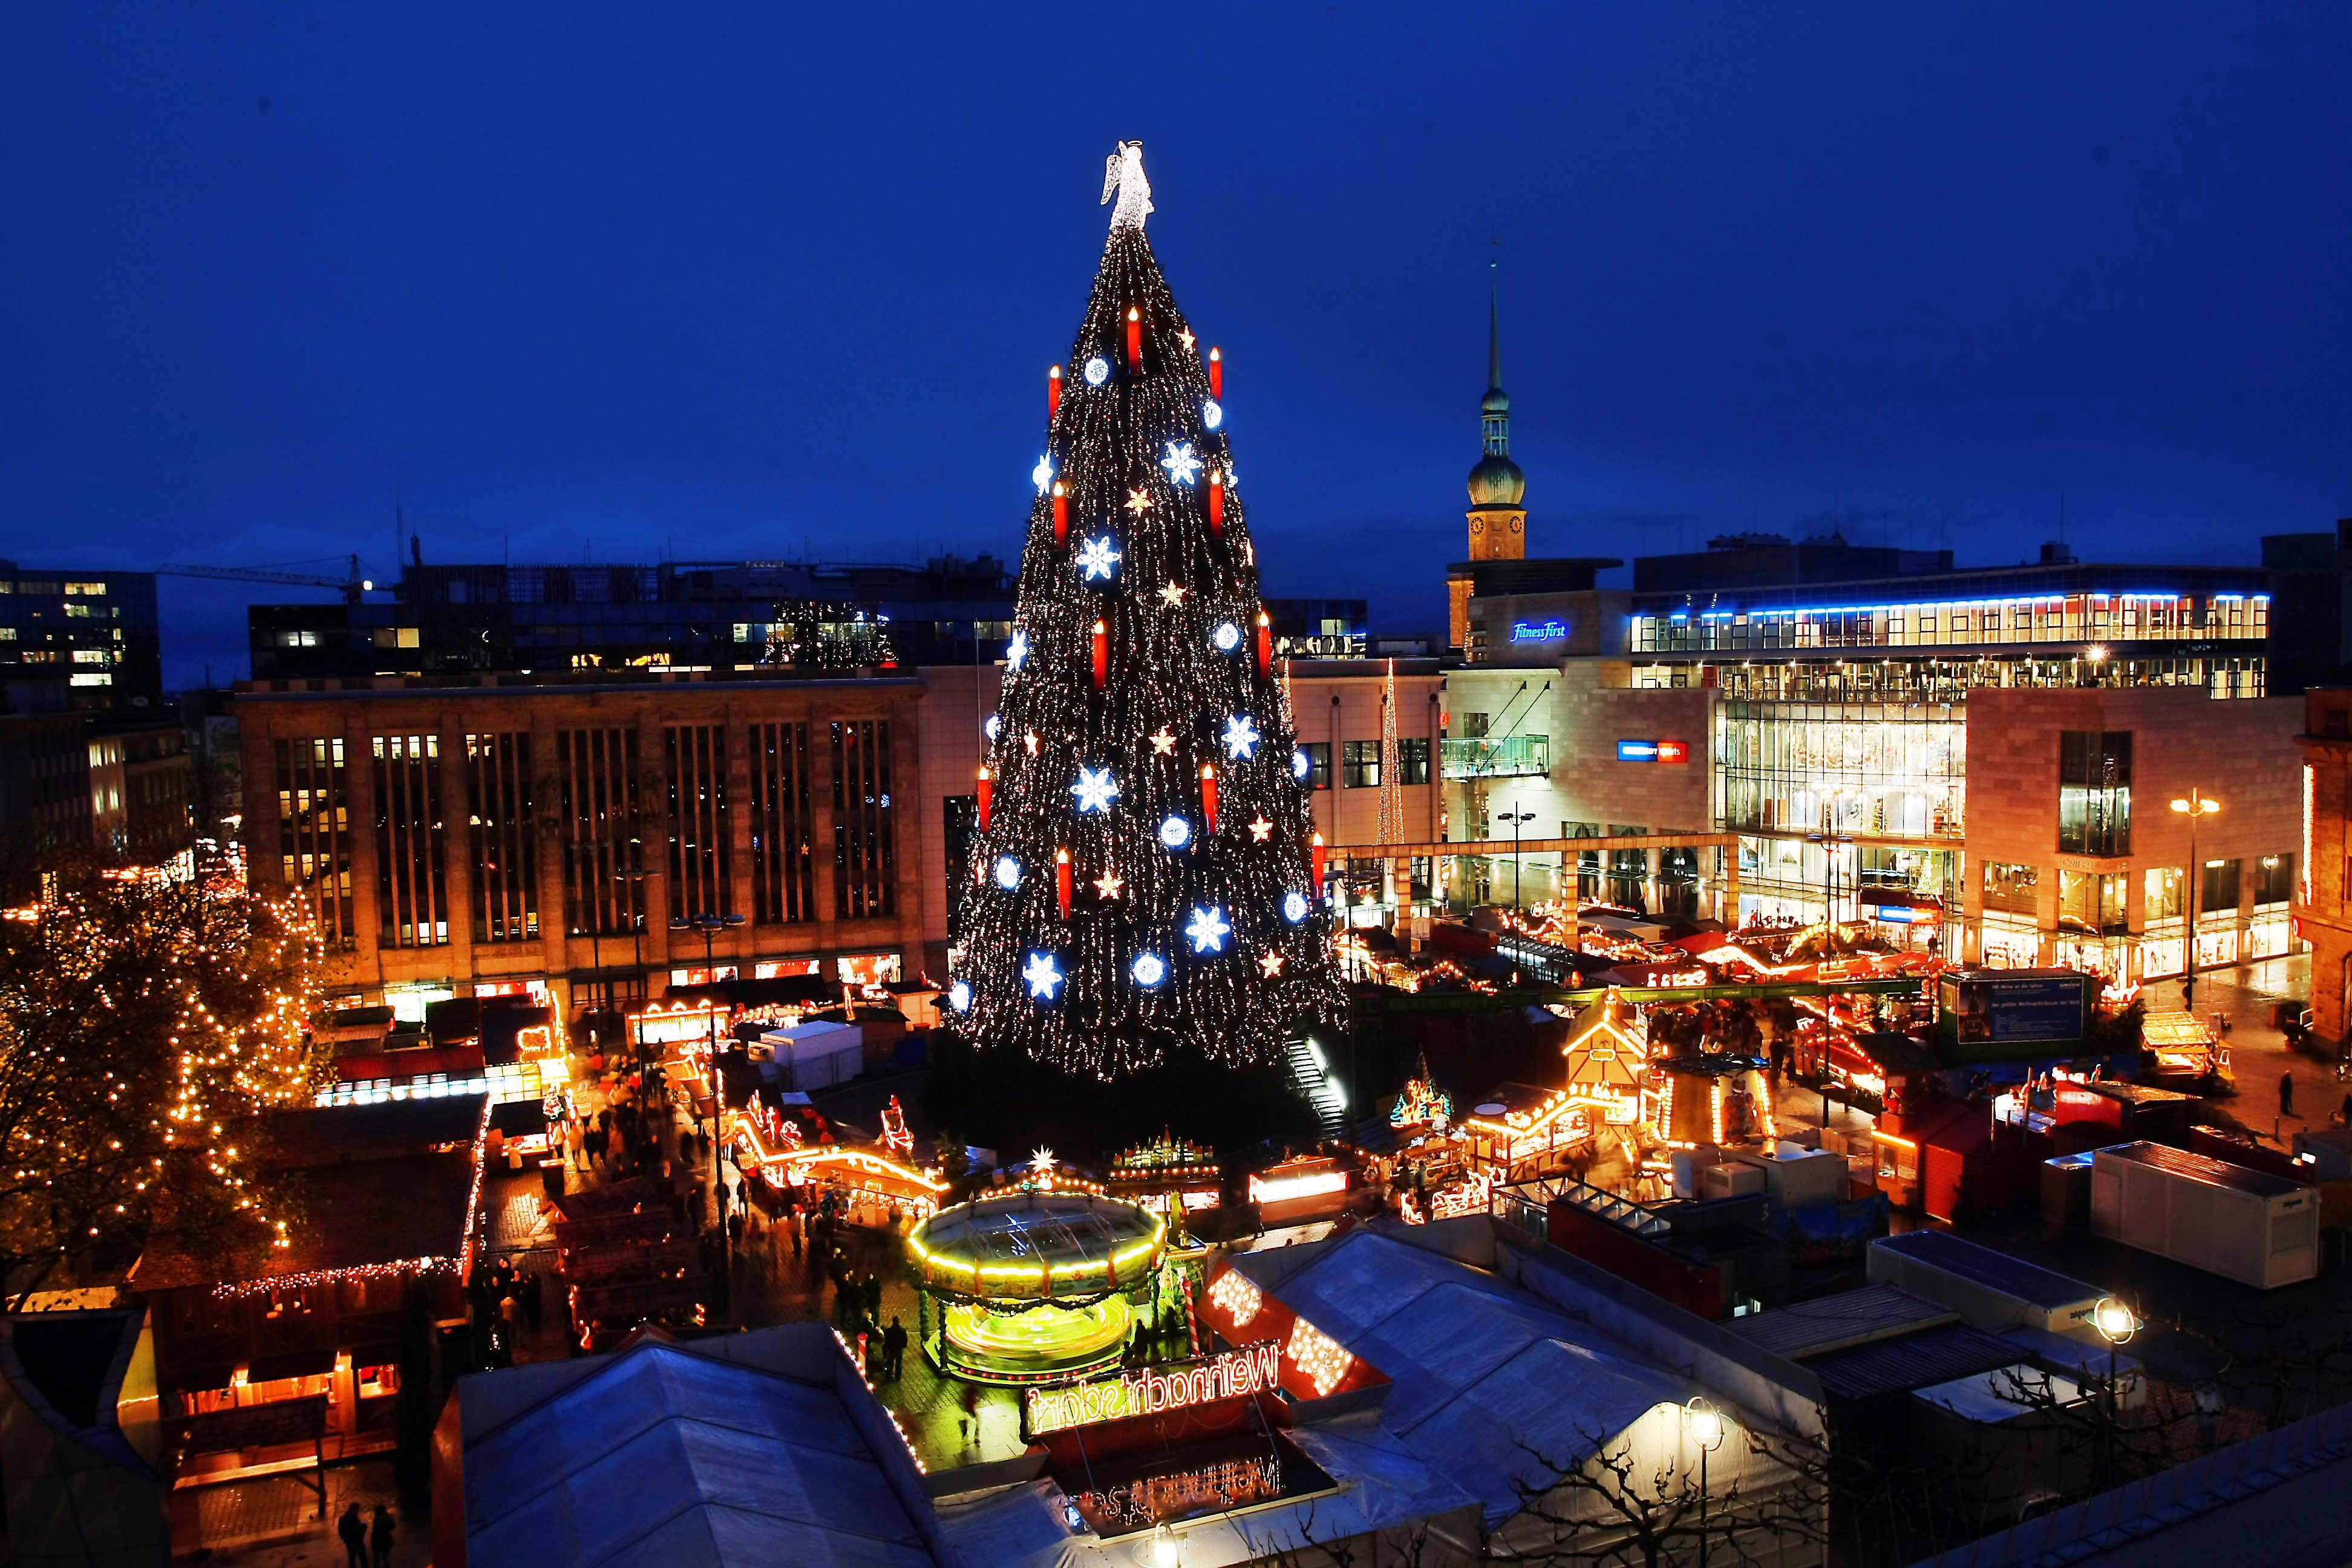 öffnungszeiten Dortmunder Weihnachtsmarkt.120 Dortmunder Weihnachtsmarkt Beginnt Am Donnerstag In